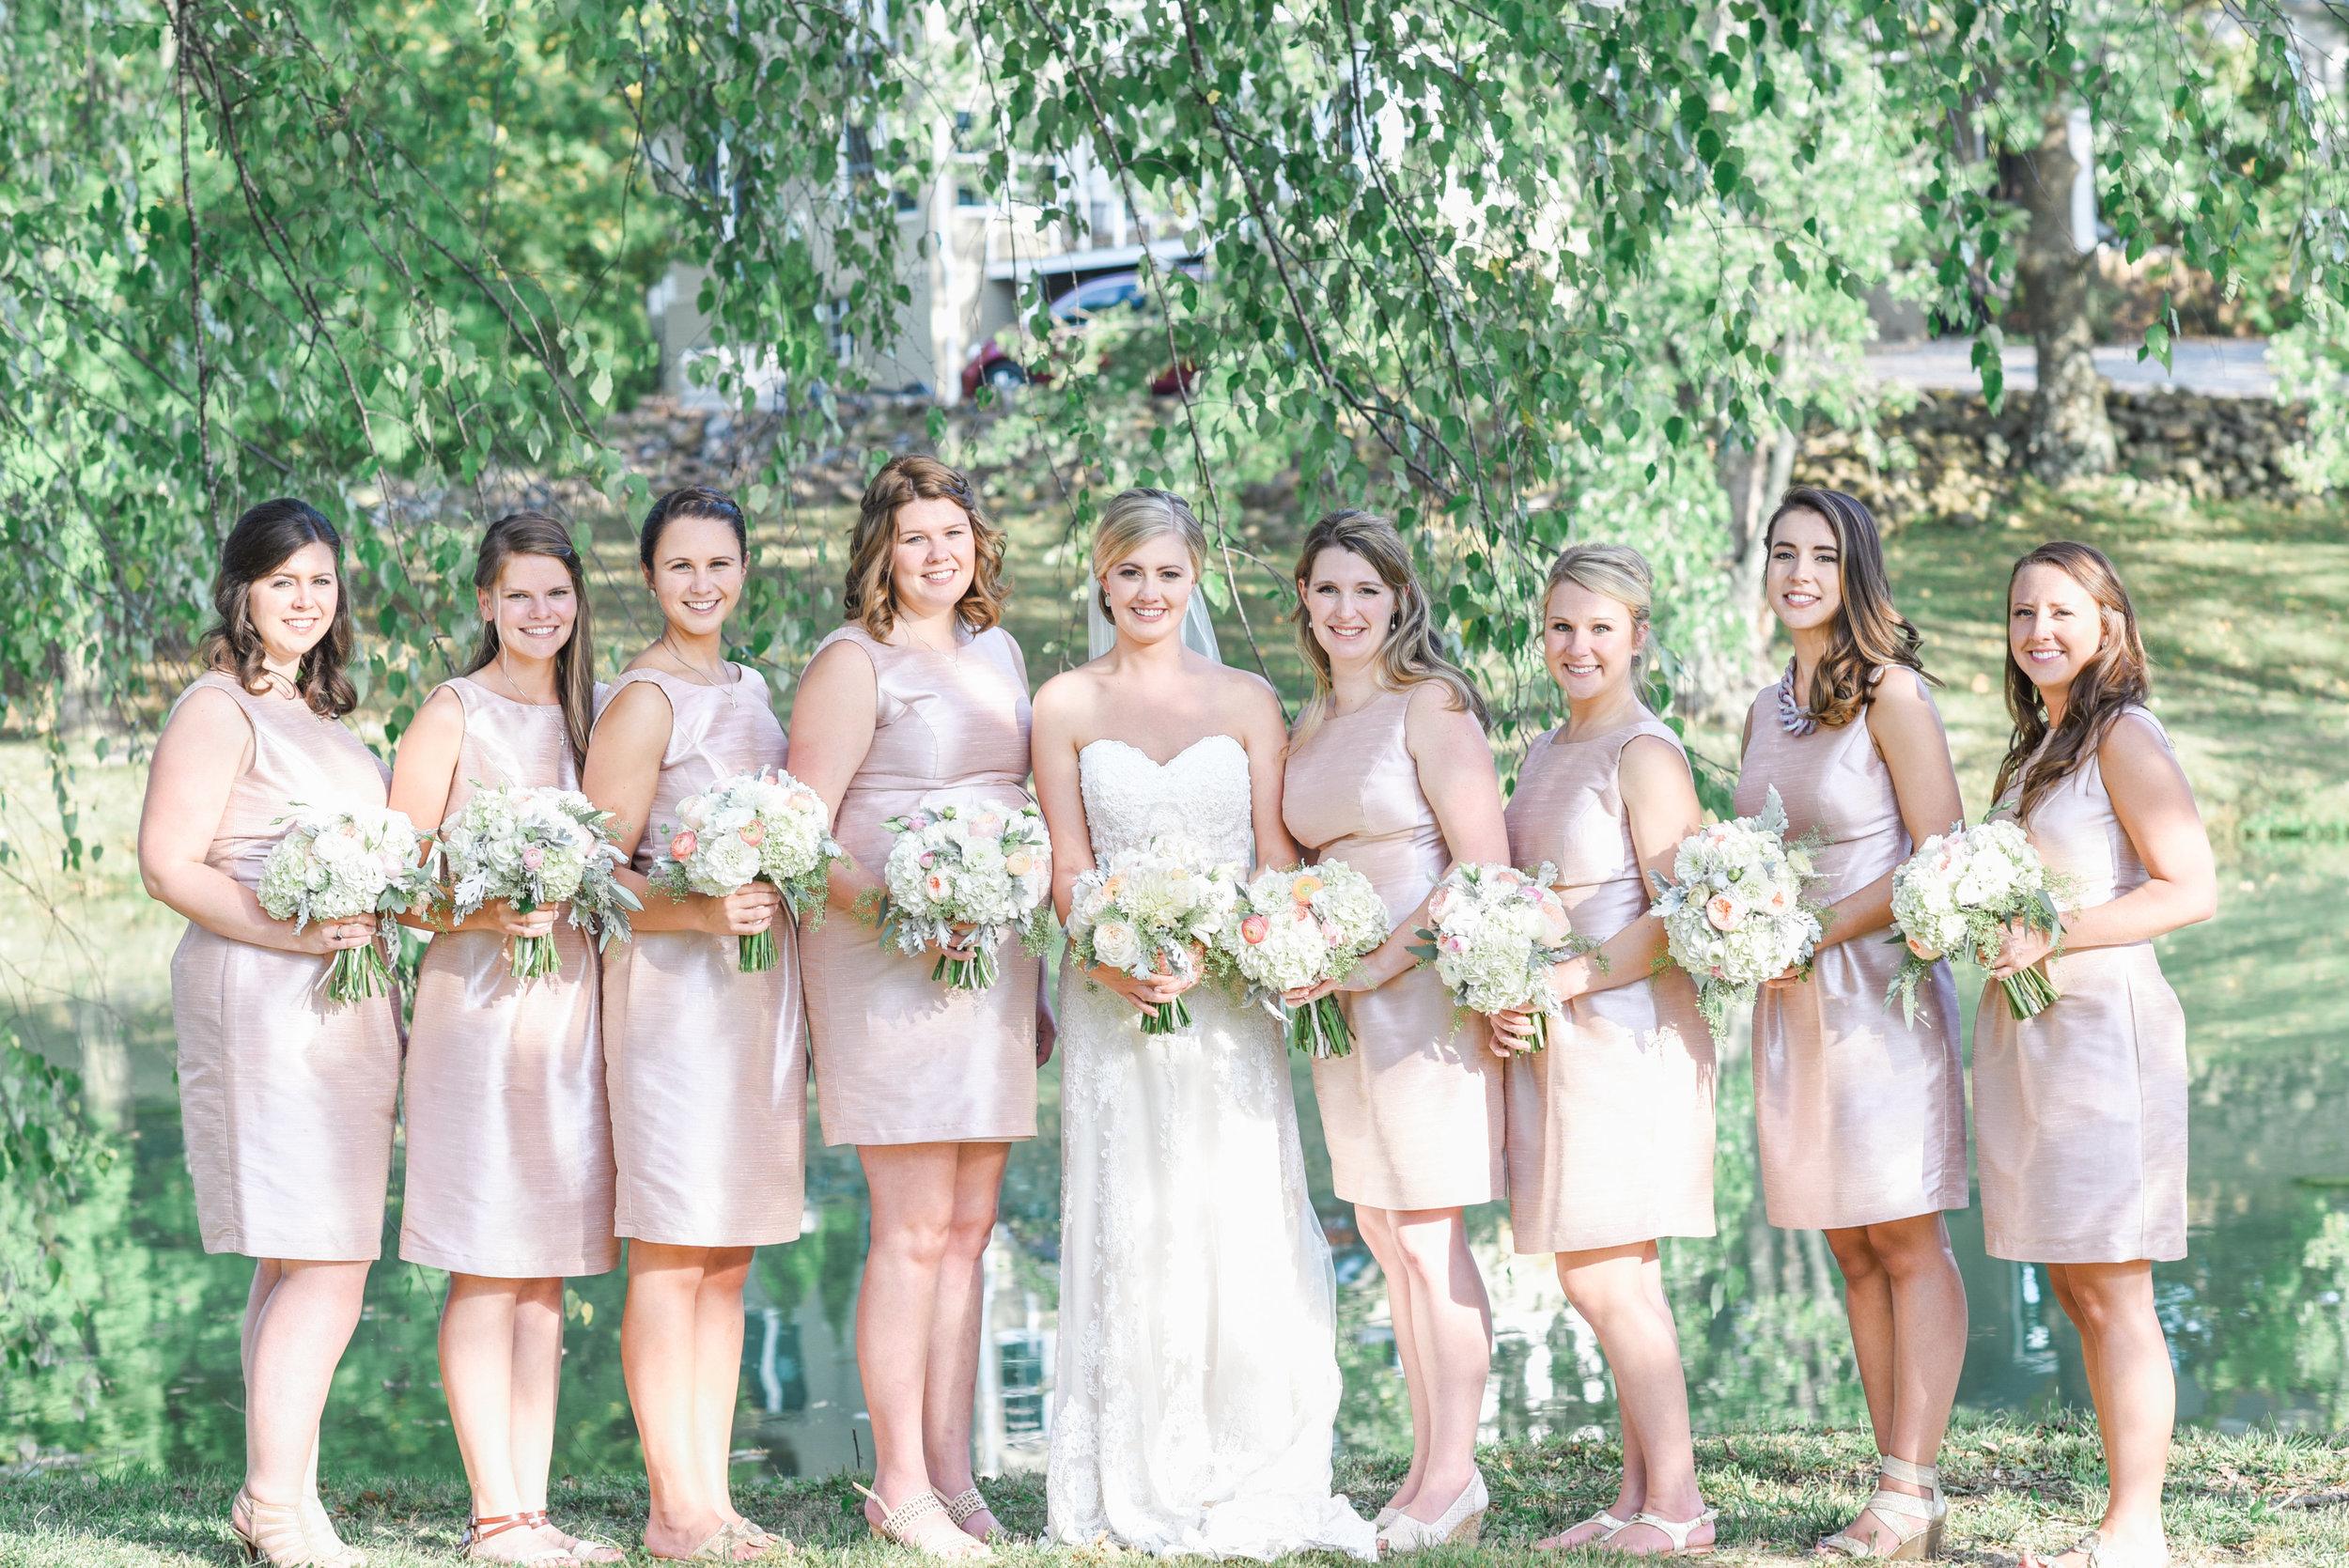 Jake Anna wedding day-Anna bridesmaids-0003.jpg